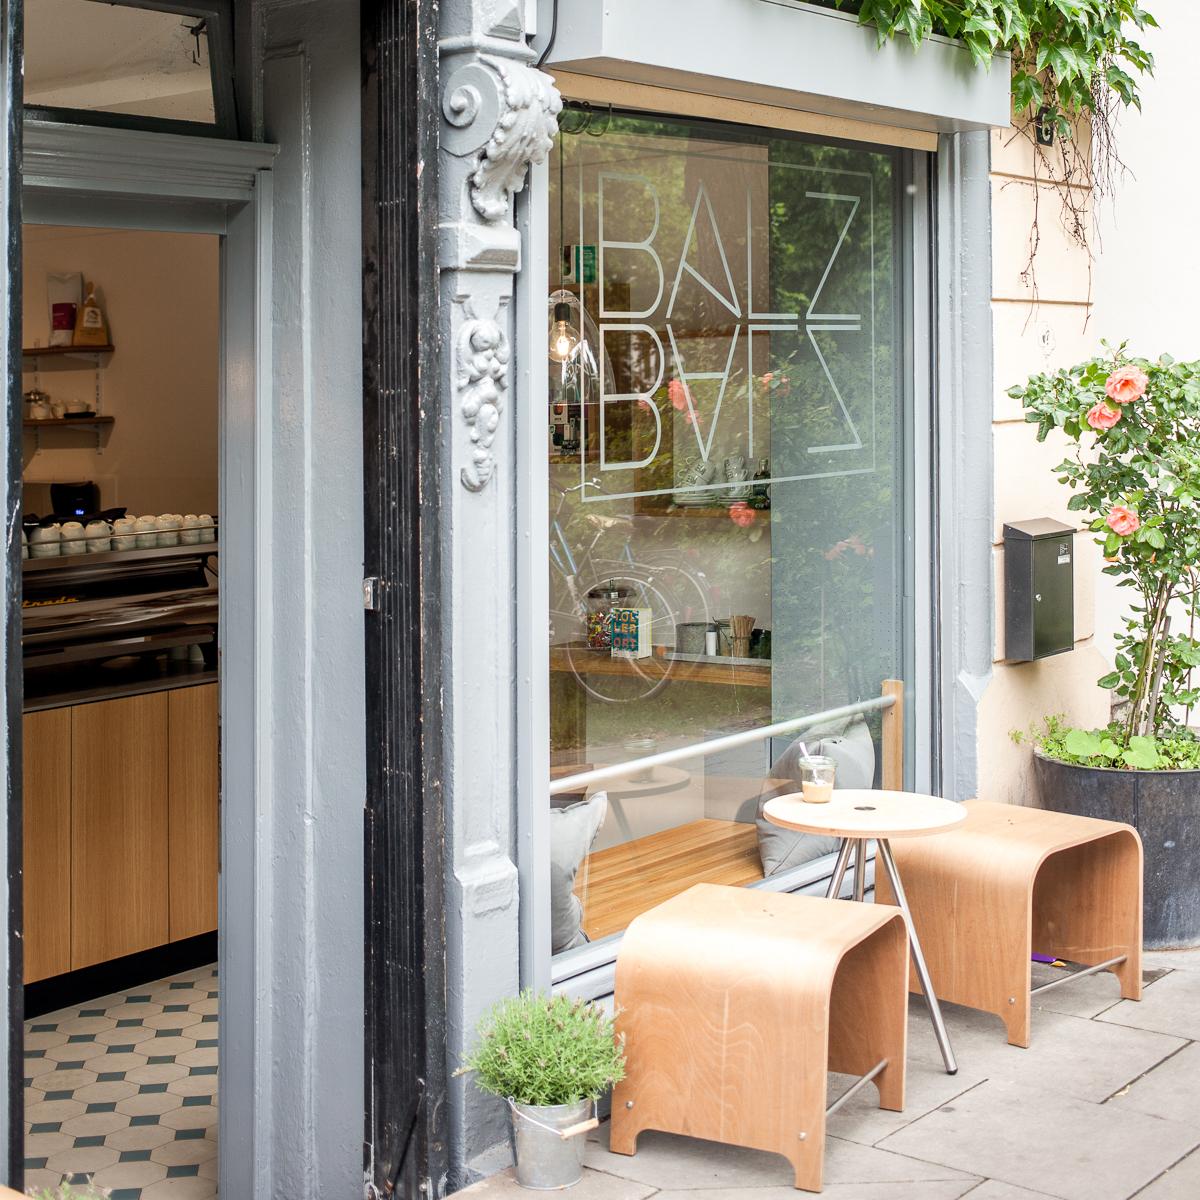 Café Balz und Balz Hamburg-Hoheluft-2